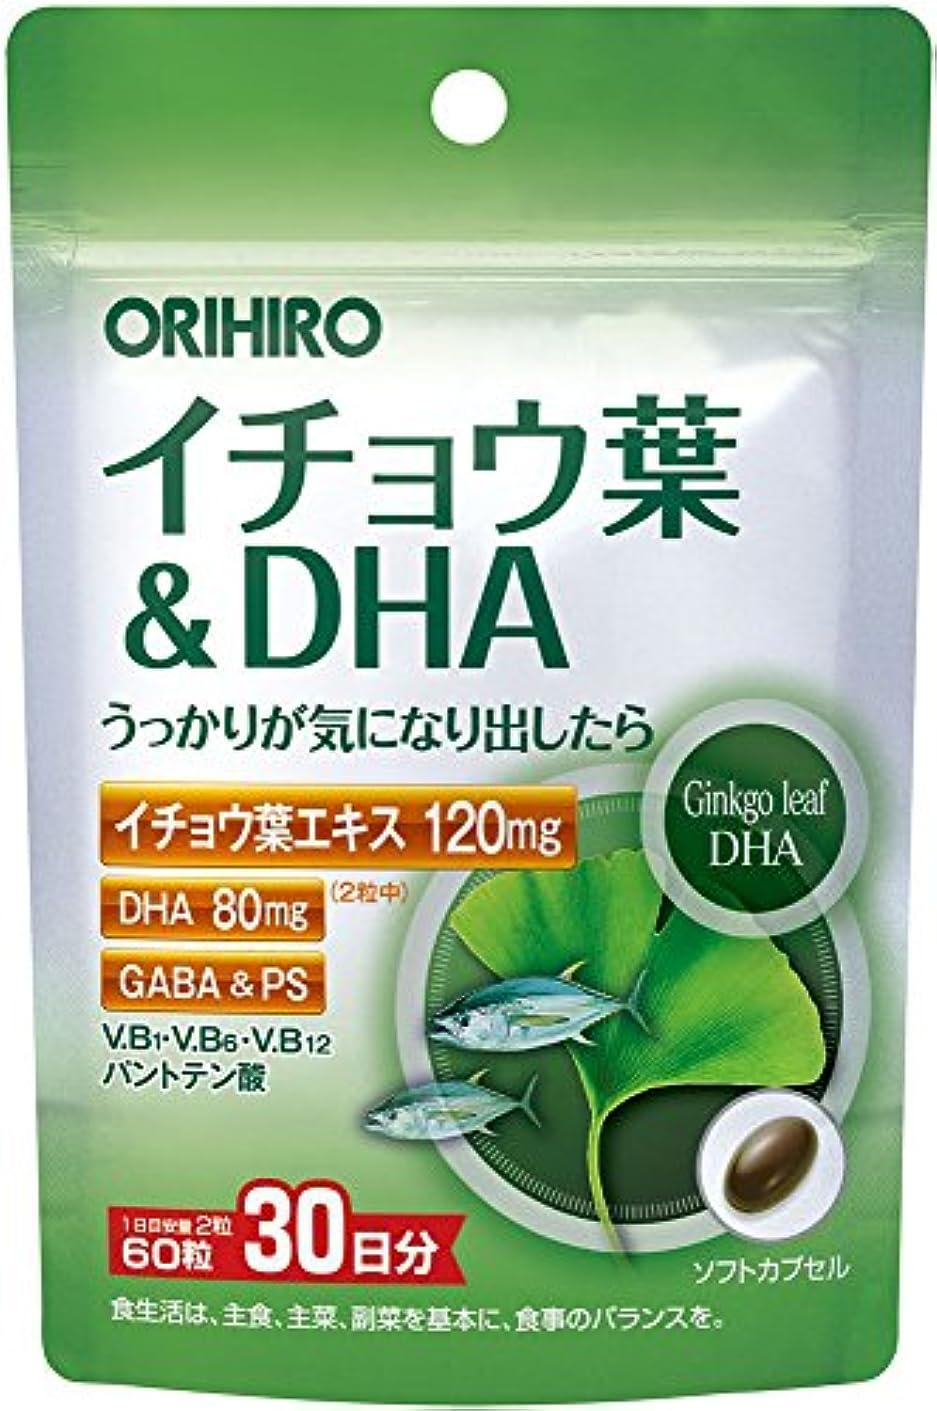 リスナー脱臼する楽しませるオリヒロ PD イチョウ葉&DHA